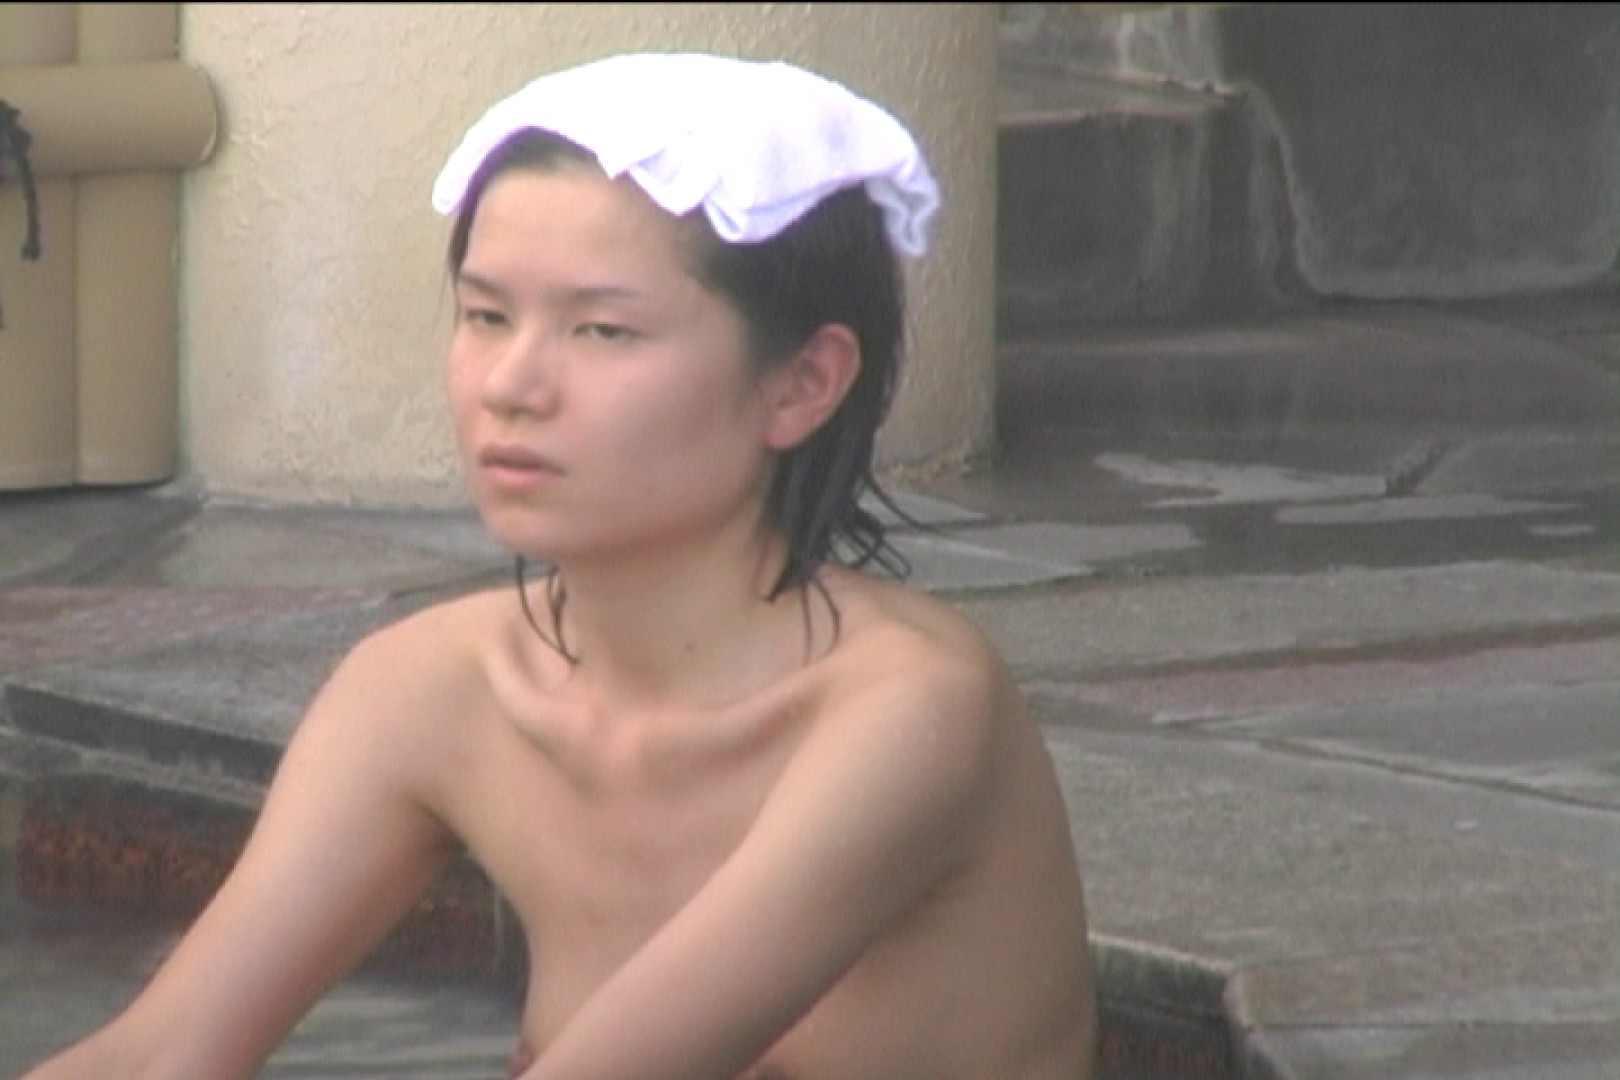 Aquaな露天風呂Vol.530 OLのエロ生活 隠し撮りオマンコ動画紹介 98連発 83